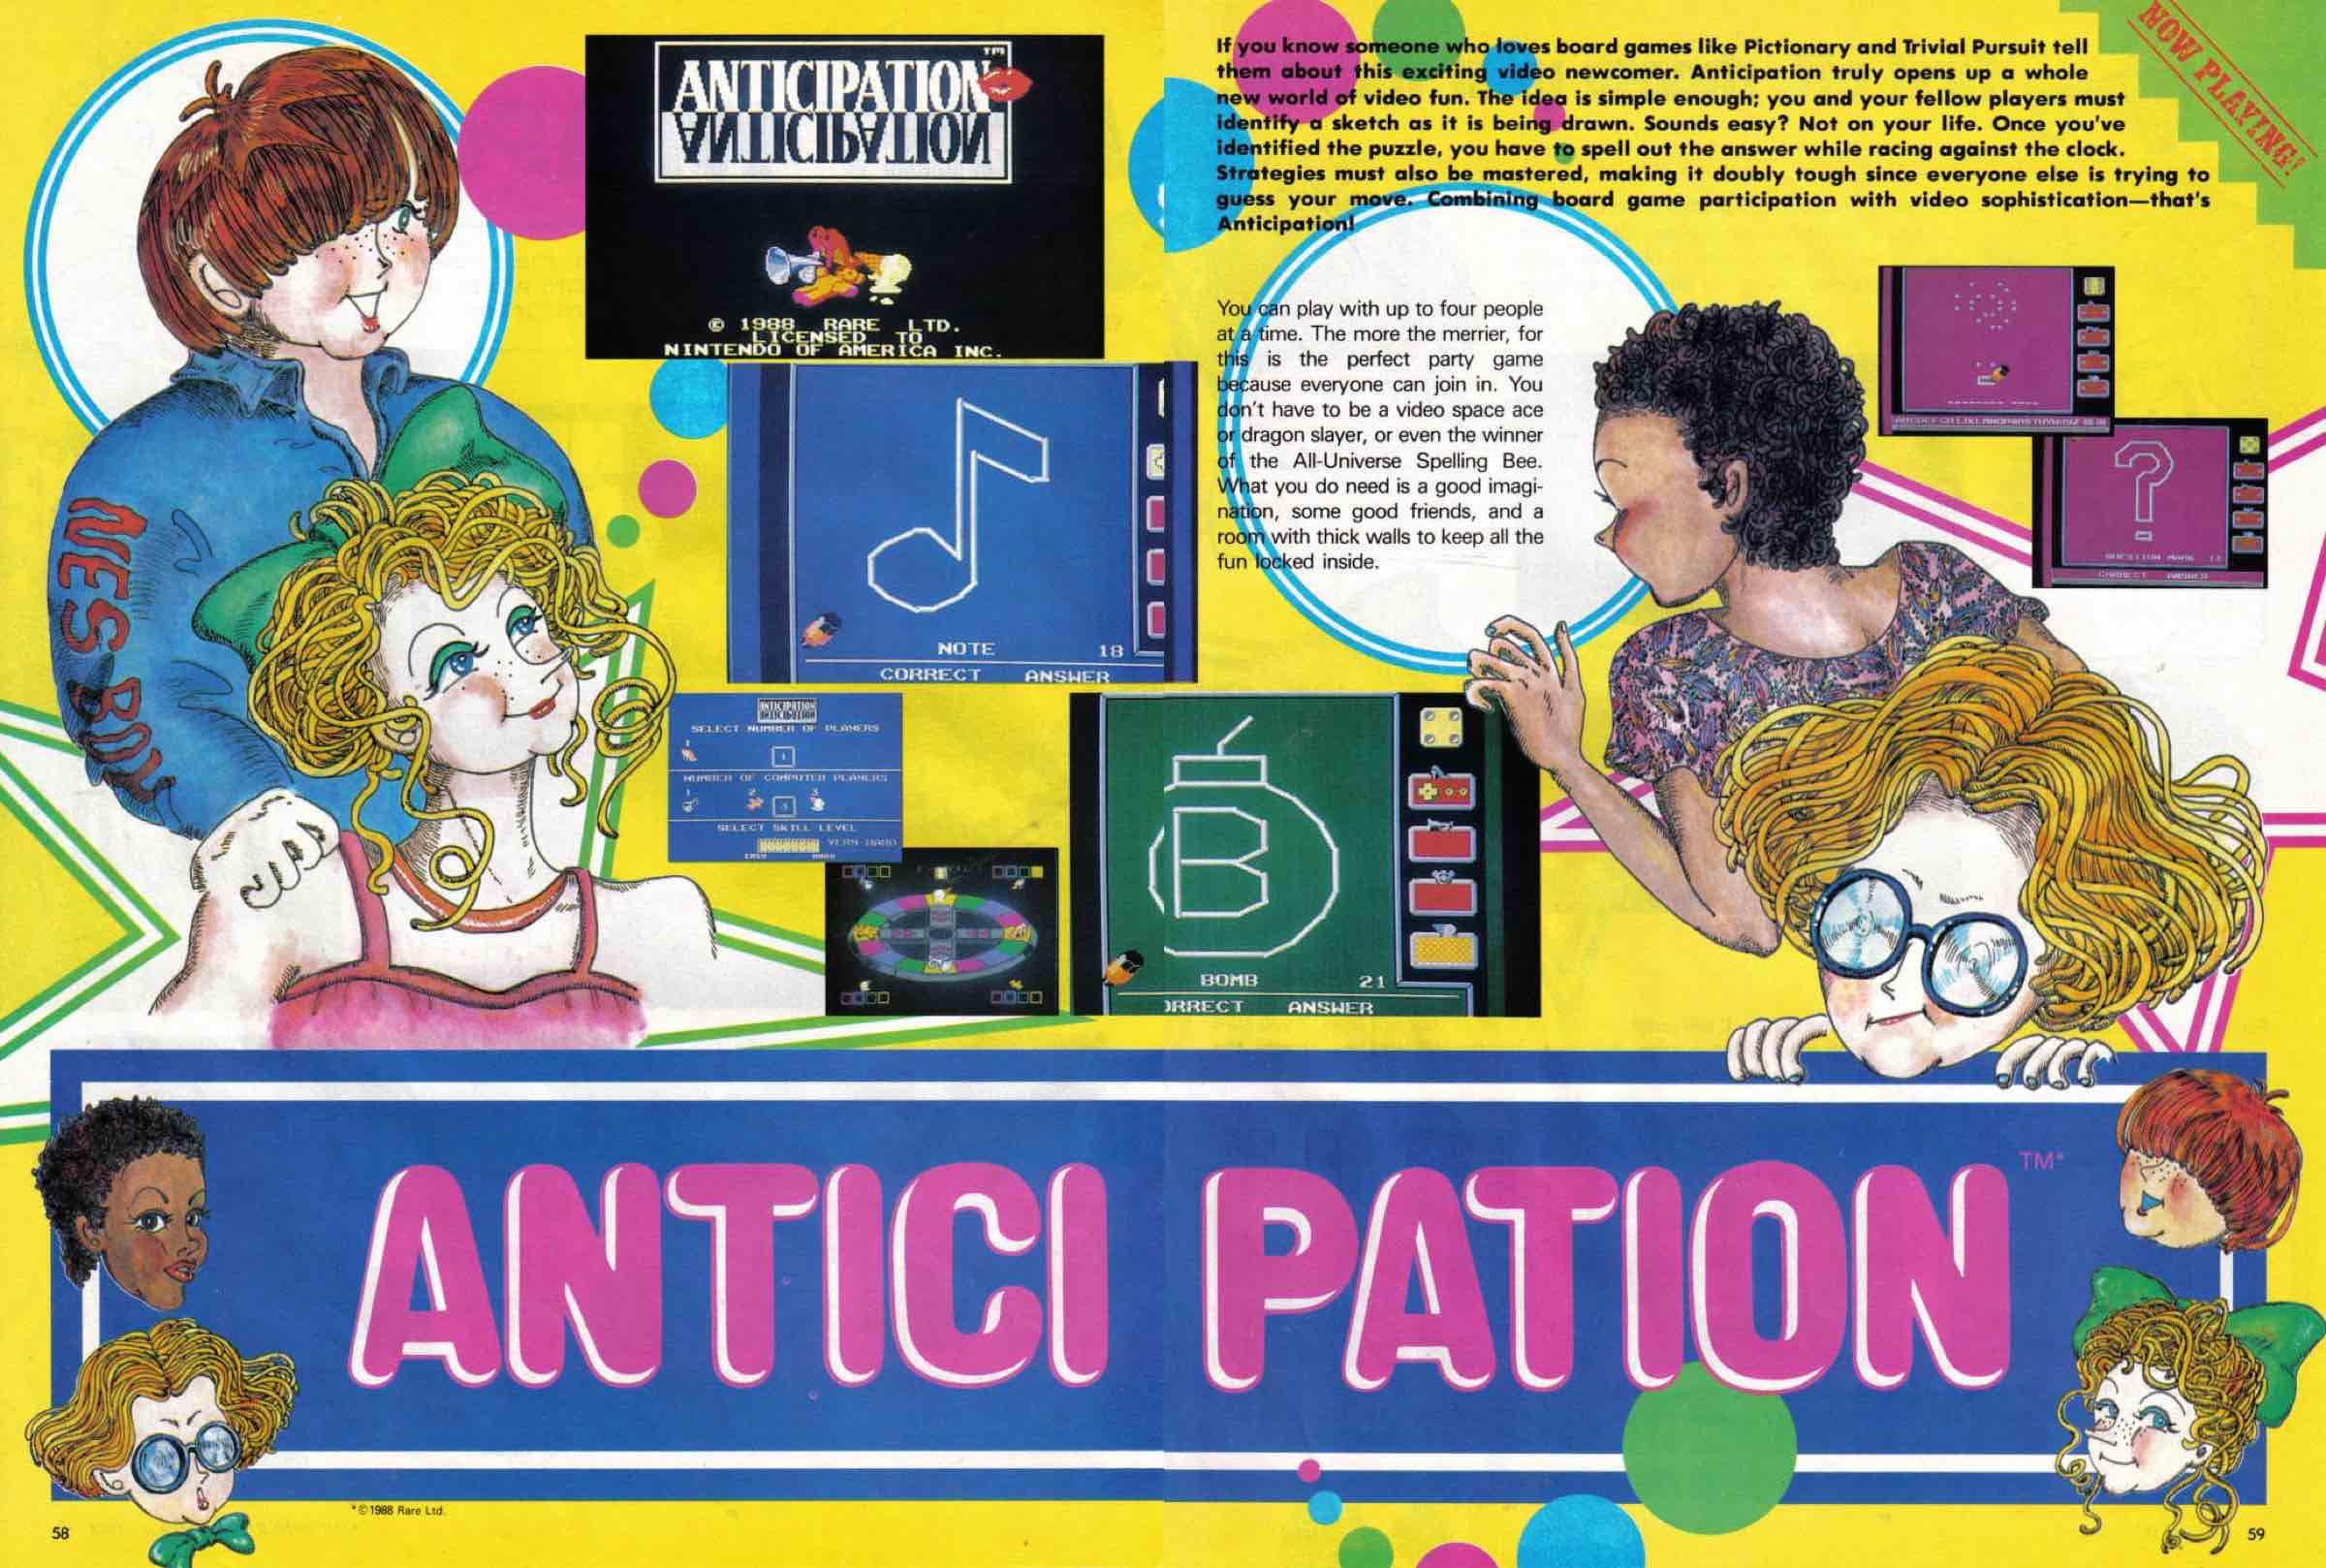 Nintendo Power   Nov Dec 1988-58-59